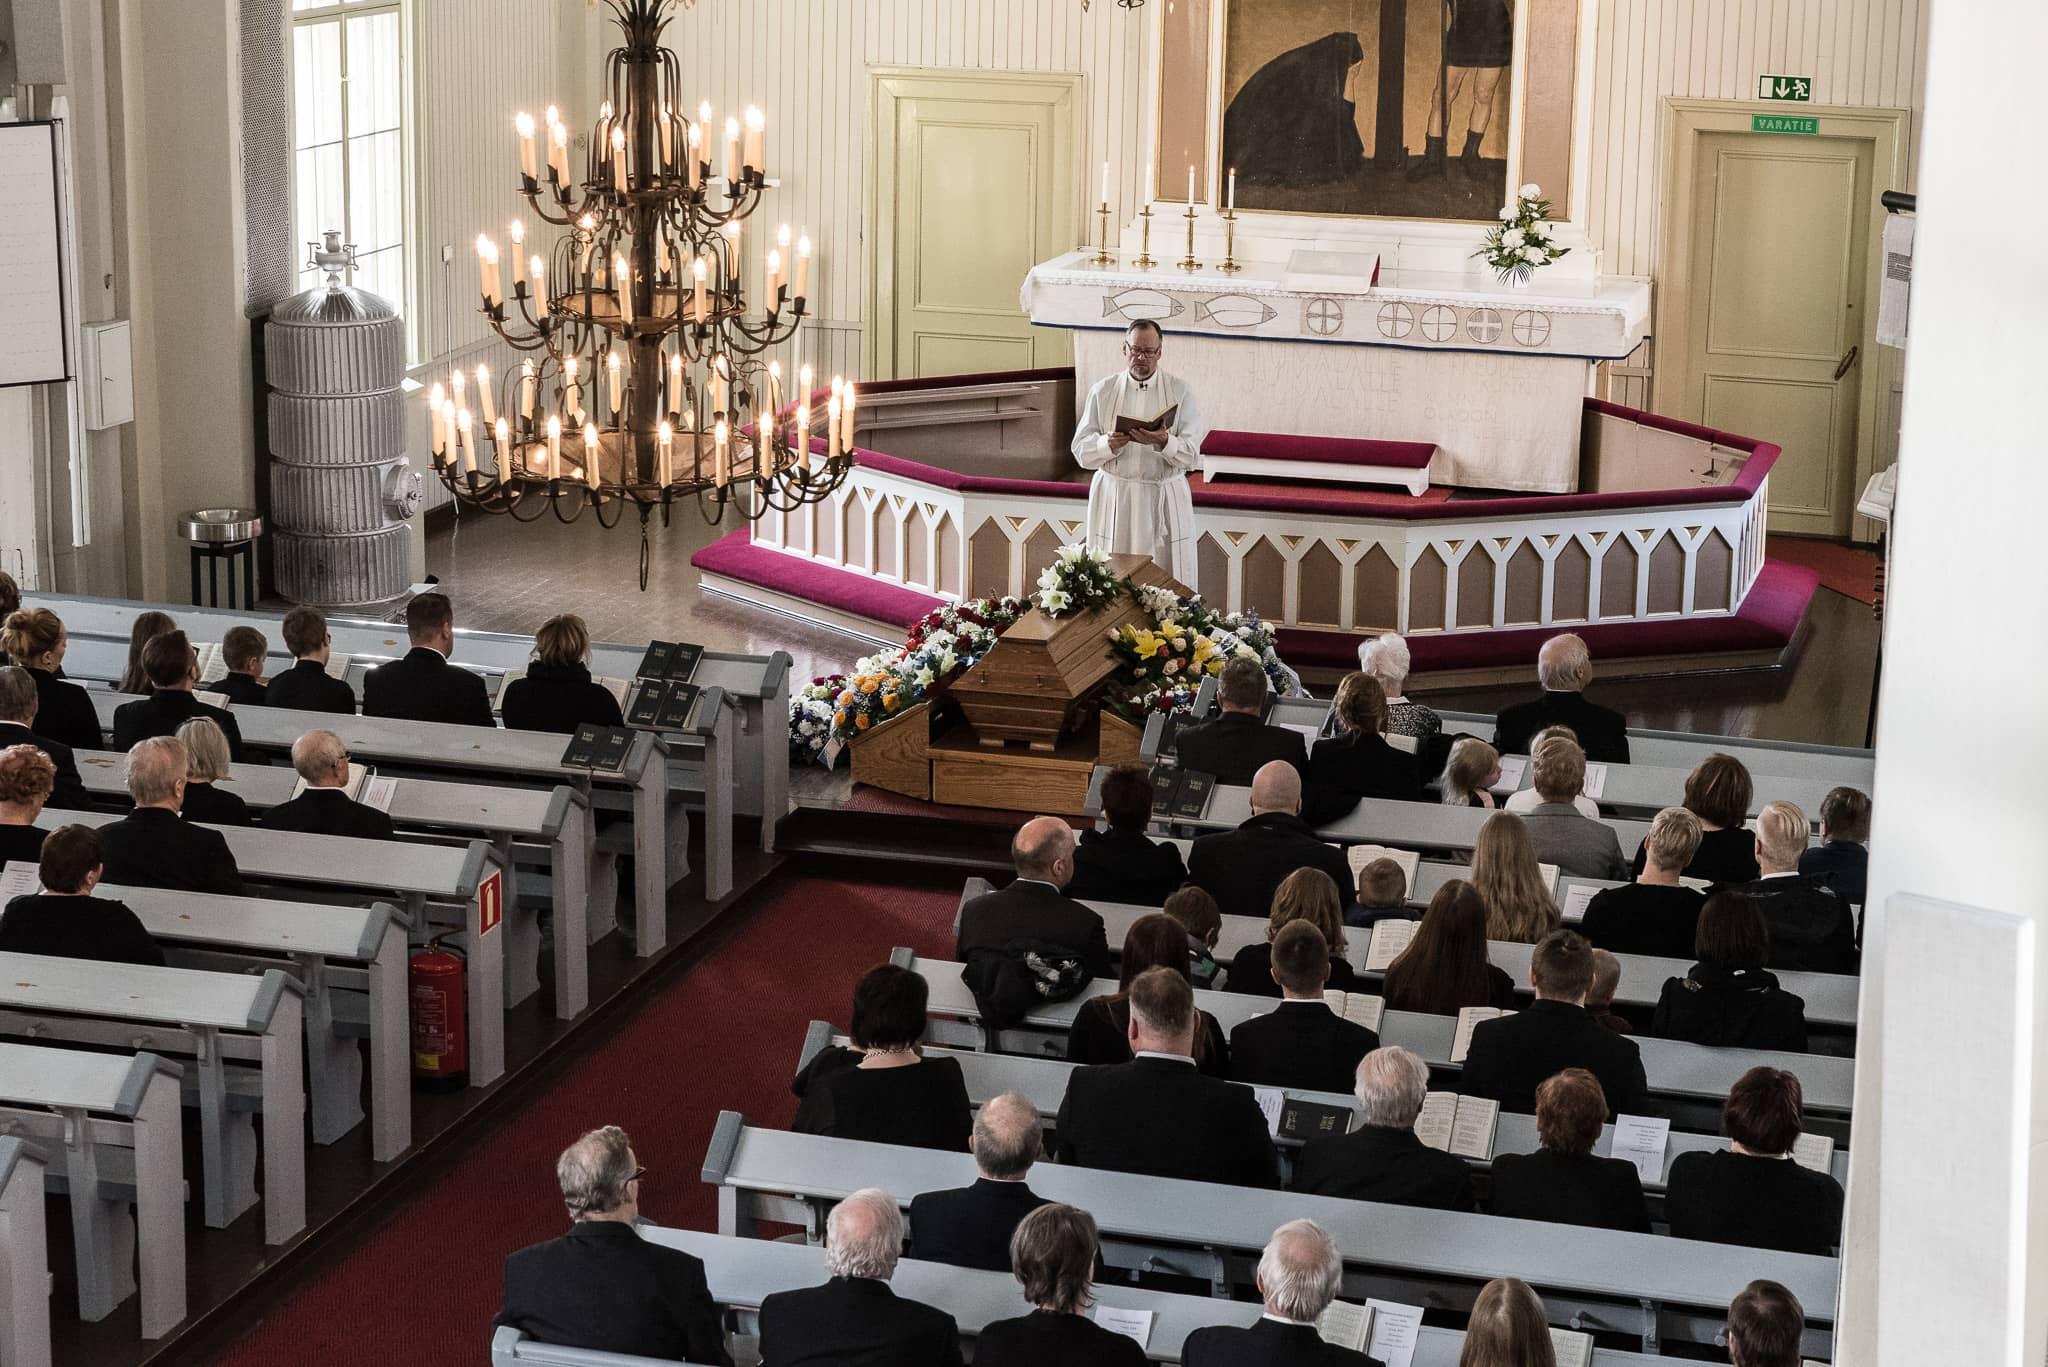 Tapahtumakuvaus - Tarjoan tapahtumakuvausta valmistujaisiin, hautajaisiin kuin kaikkiin muihinkin tapahtumiin. Kysy tarjousta!